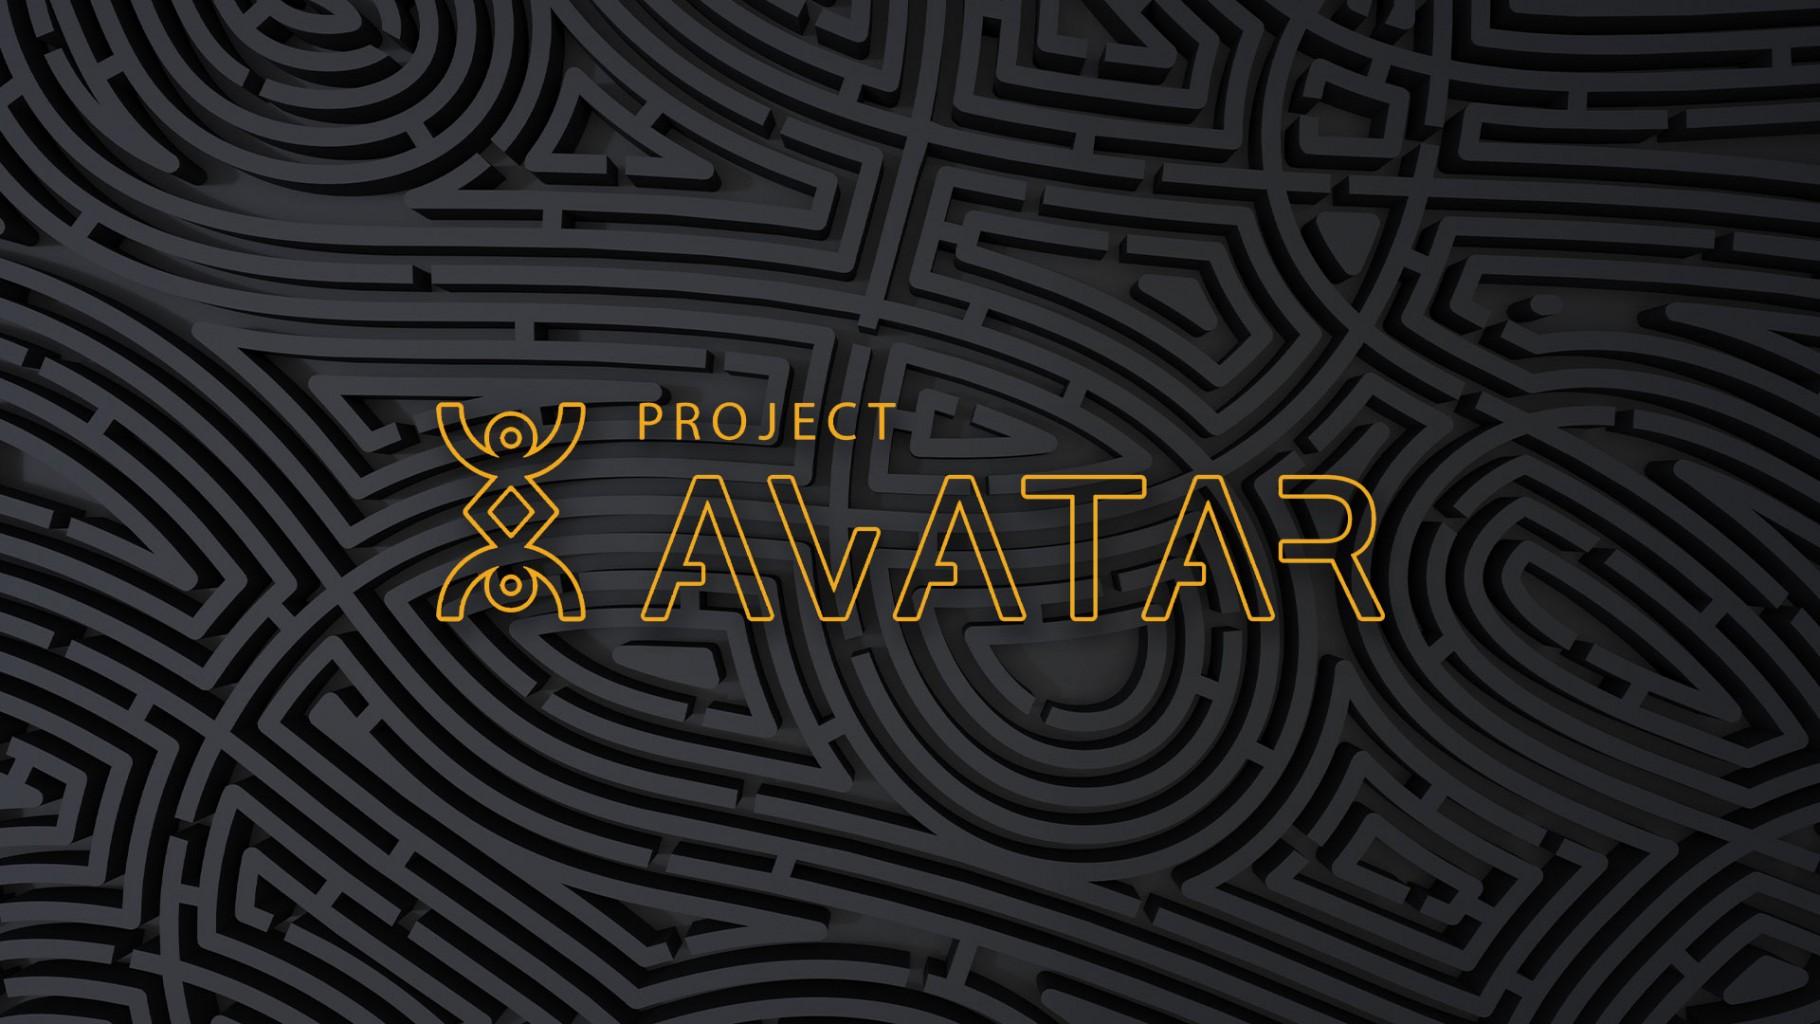 Projekt Avatar Gewinnspiel